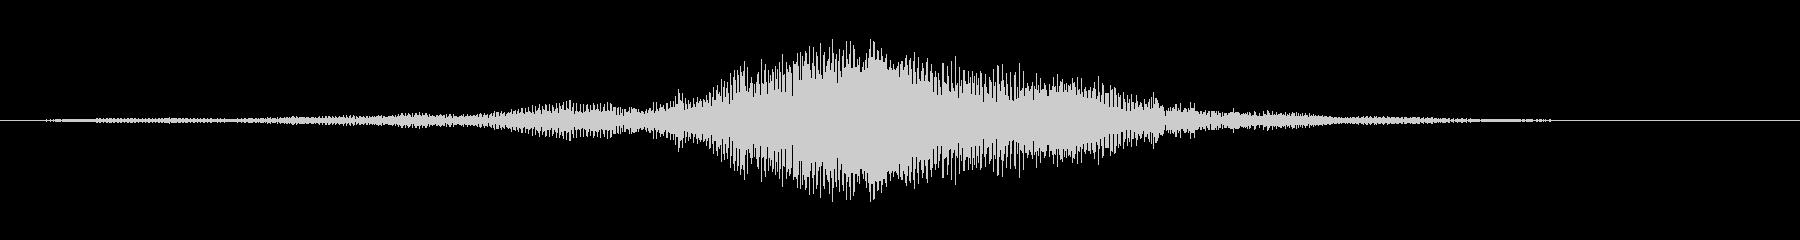 ソフトモーターバイ1の未再生の波形